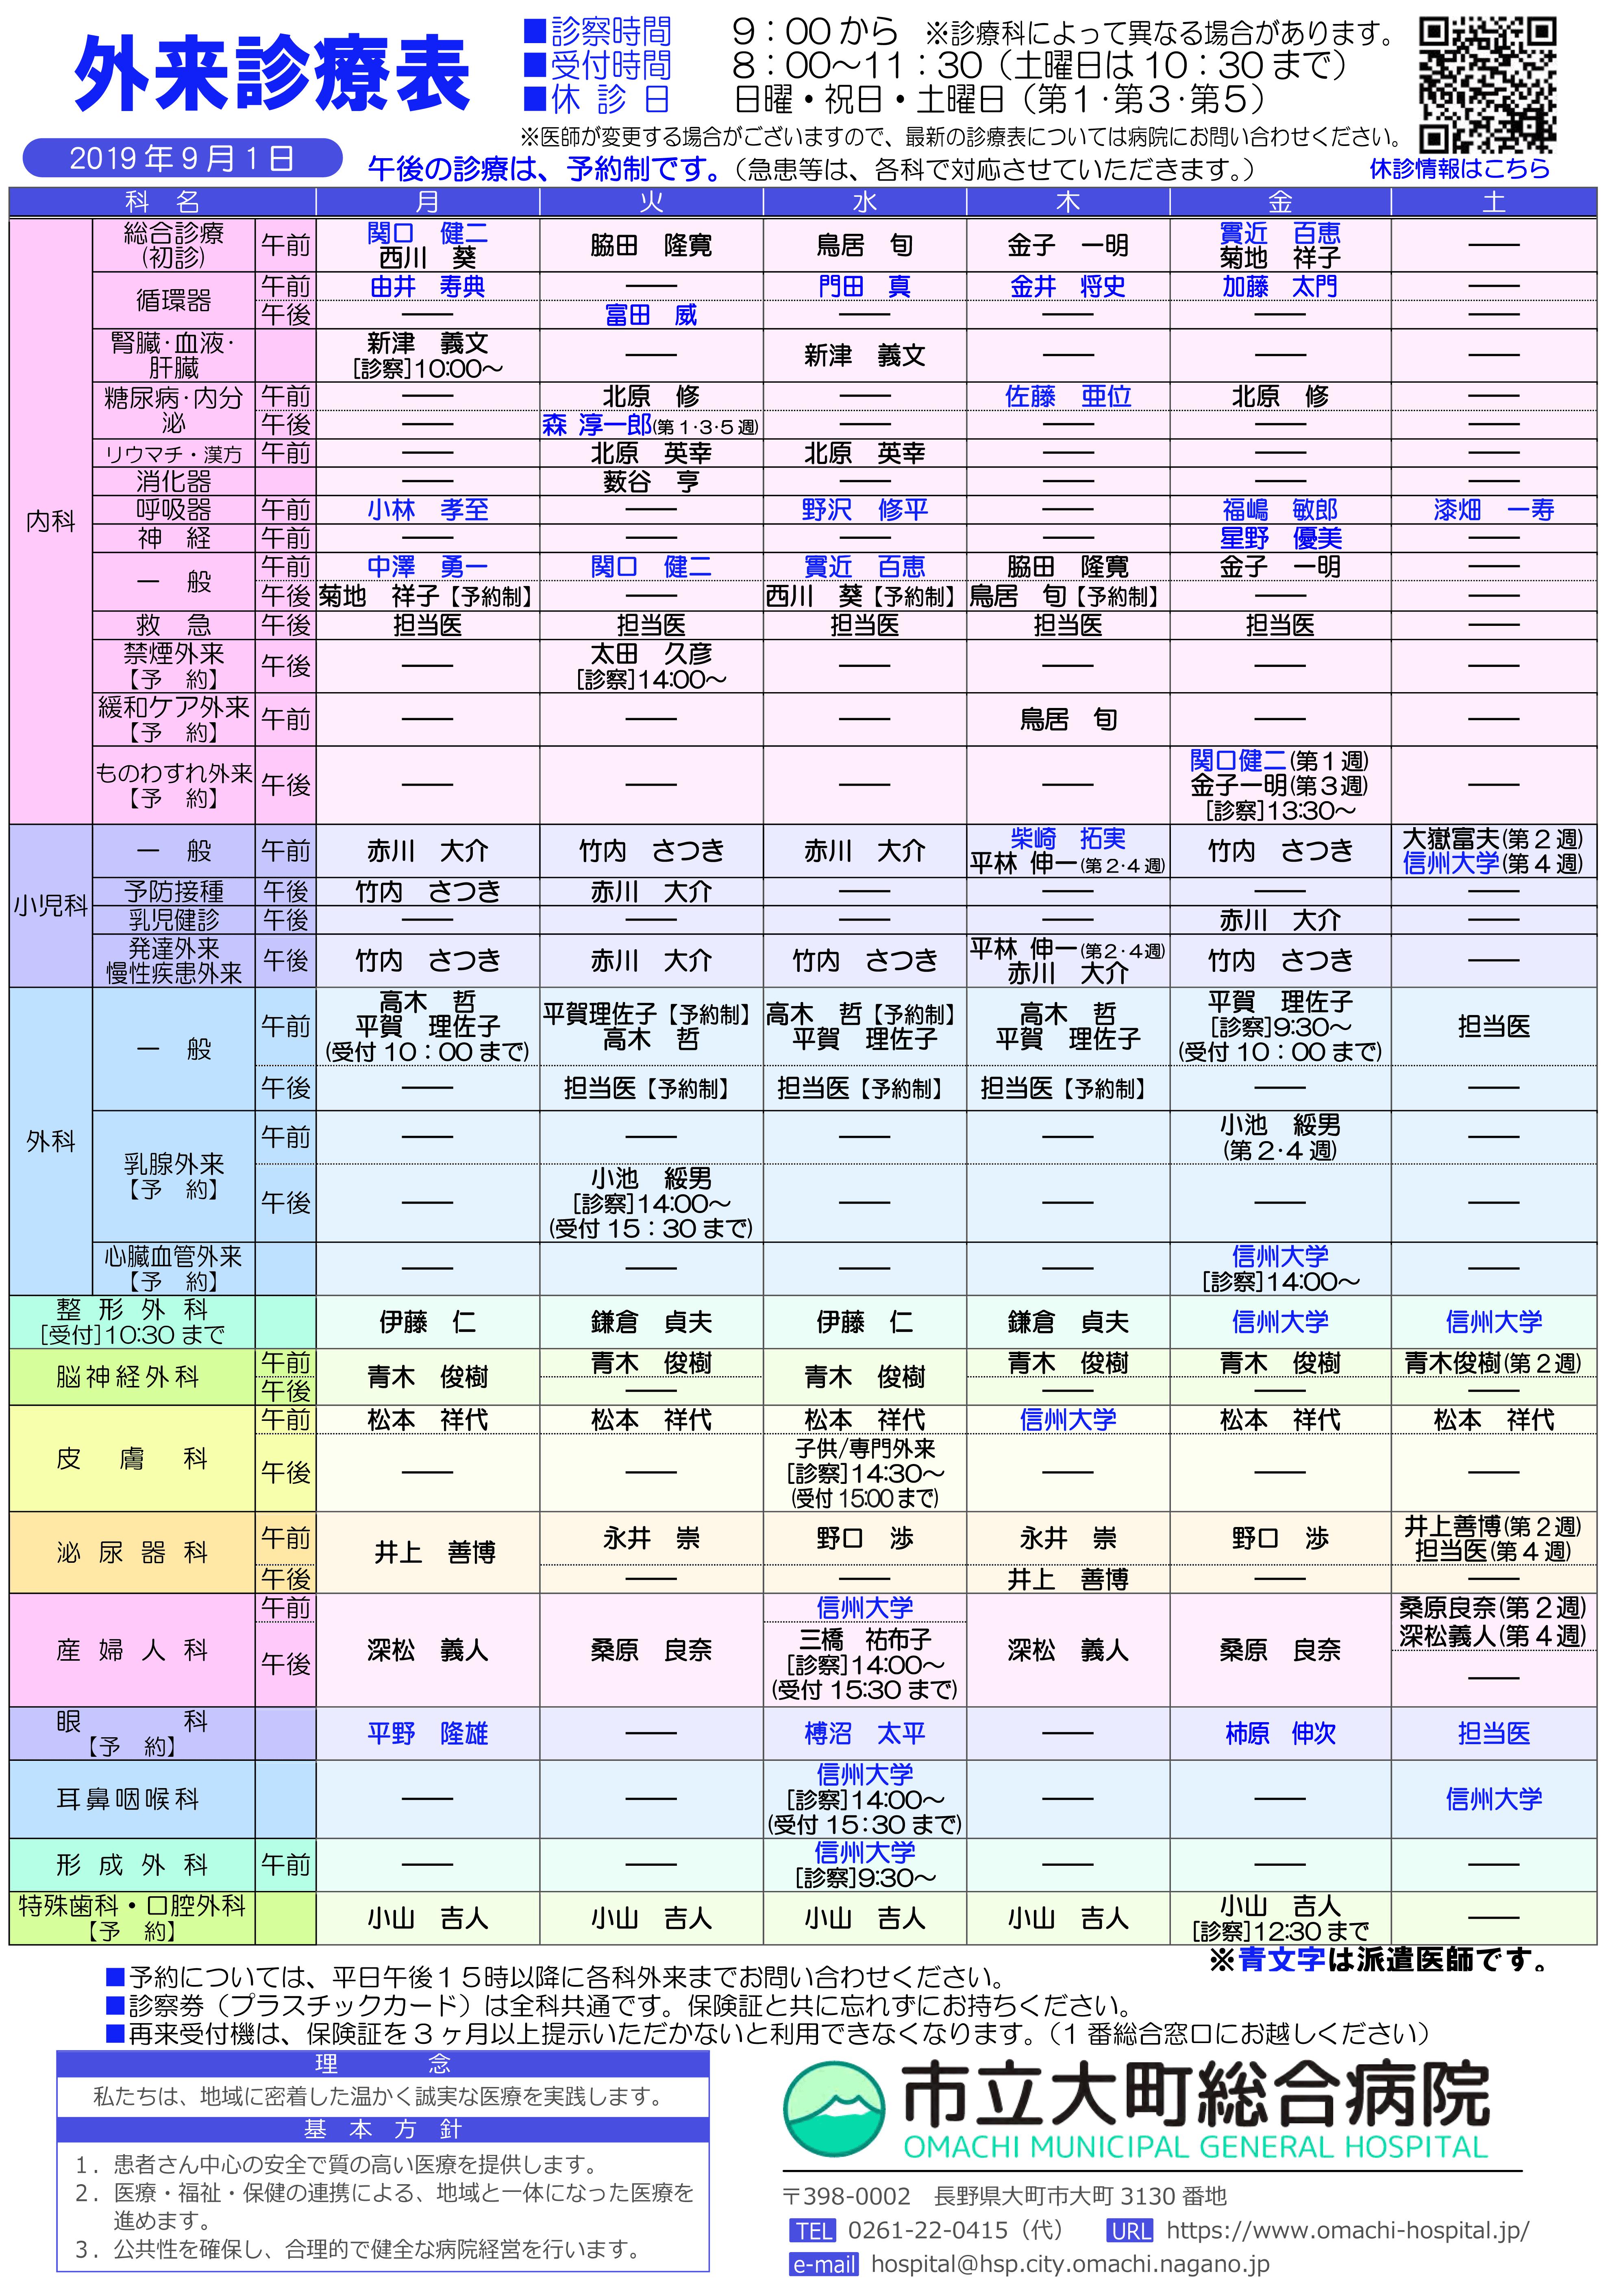 2019年9月1日 外来診察表